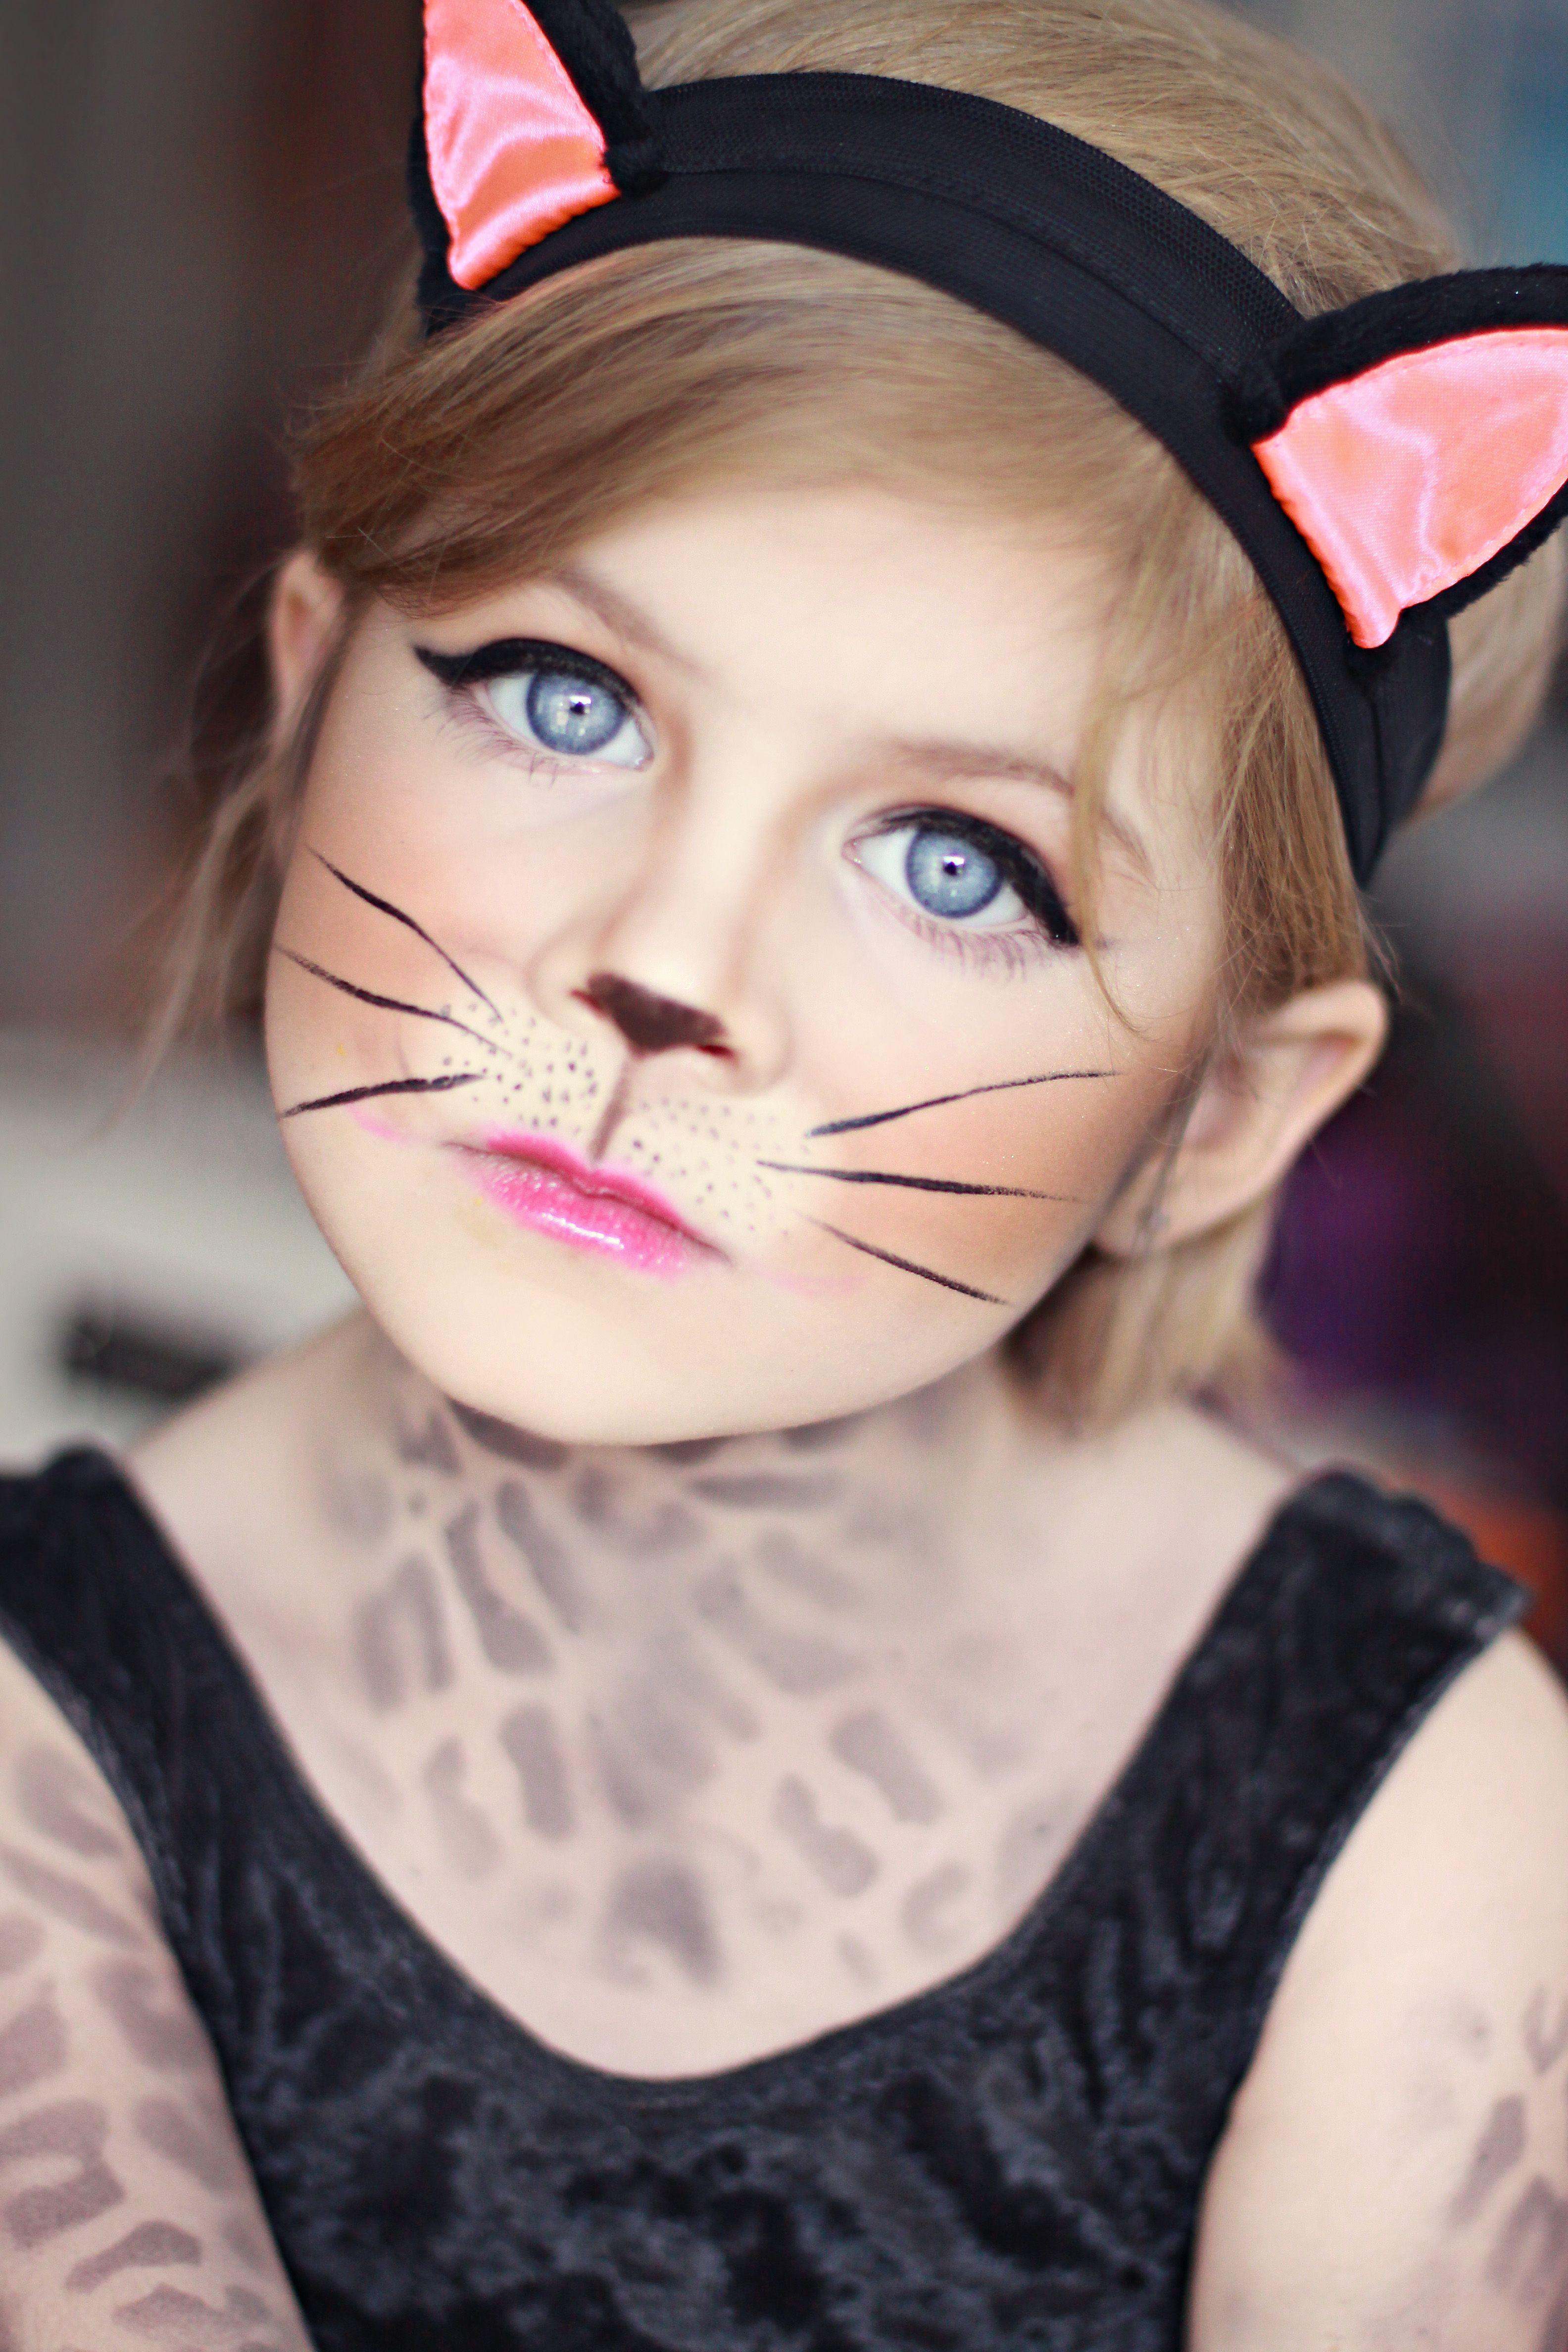 Leopard Makeup Cat Makeup Kid Costume Www.sunkissedandmadeup.com | MUu0026H By Sunkissed U0026 Made Up ...